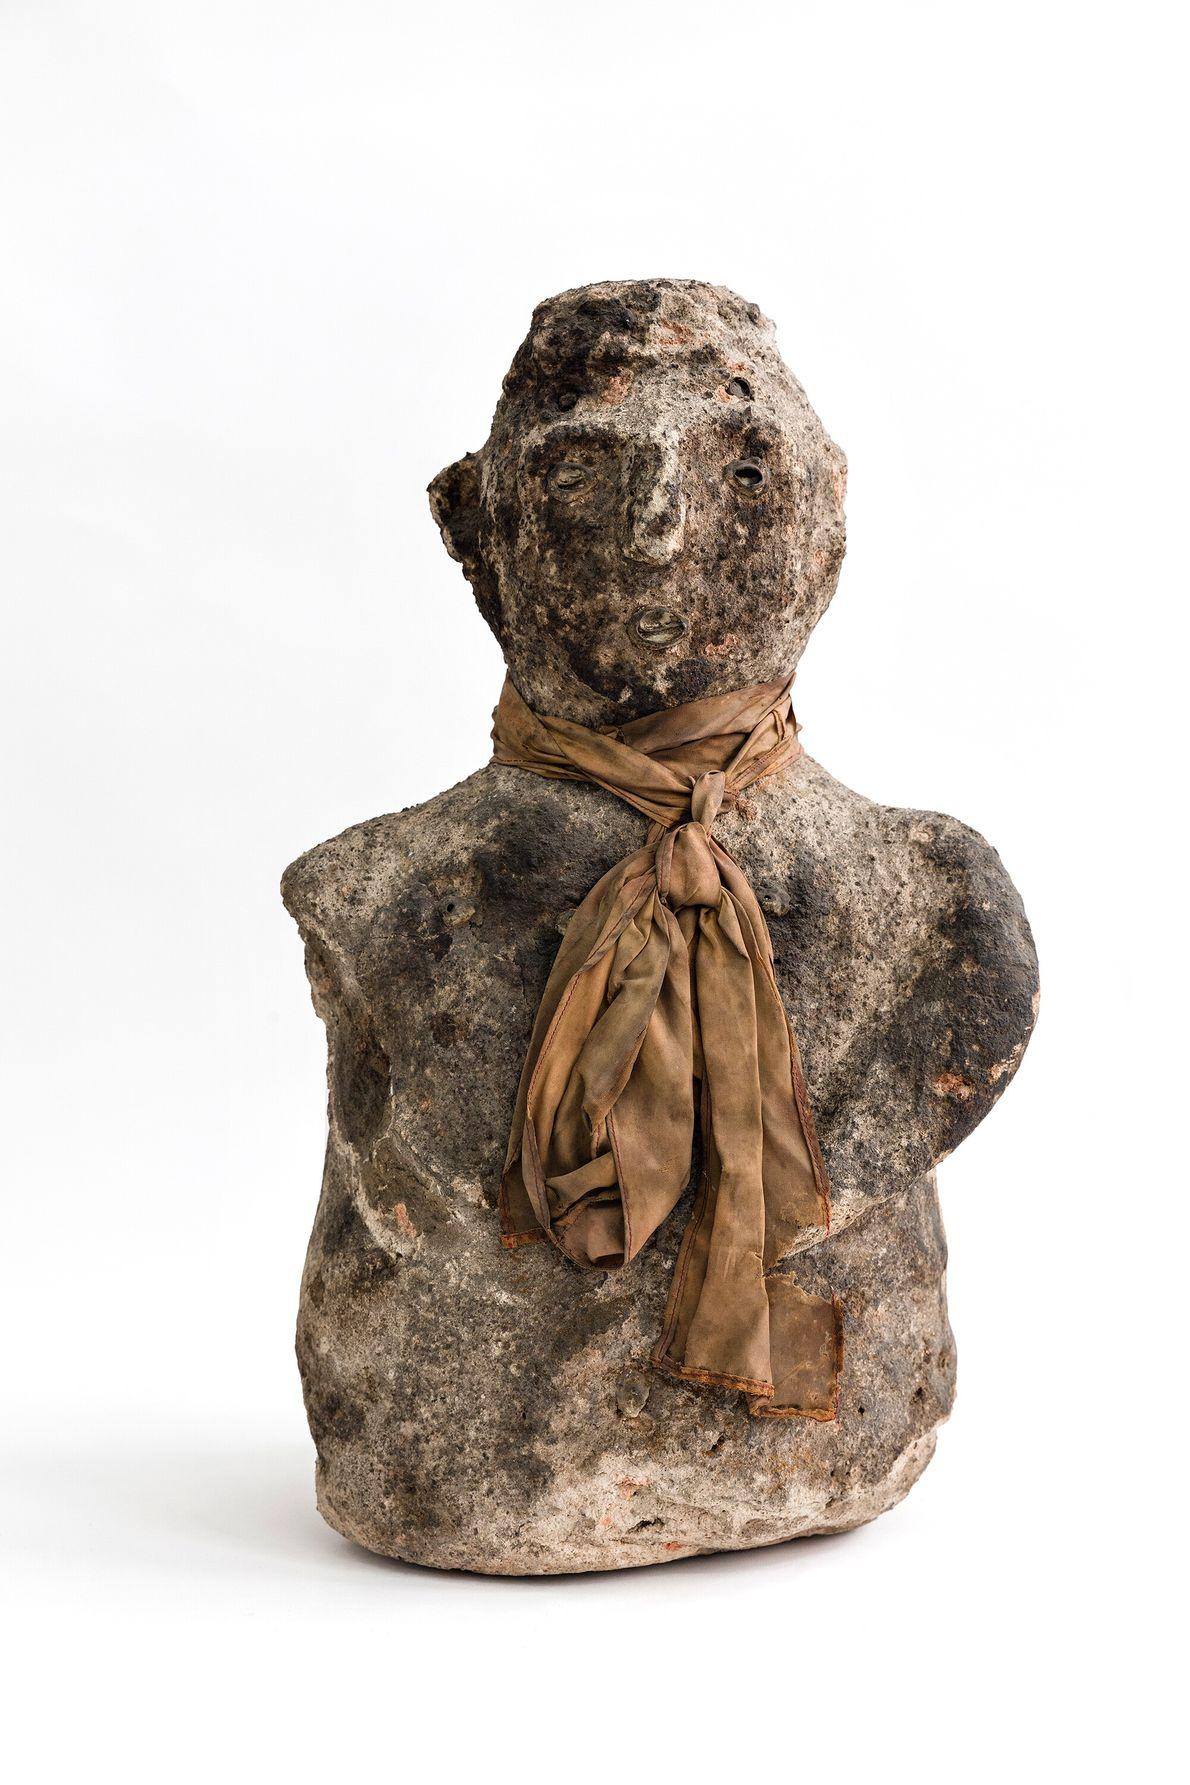 Figura humana com cabeça, tronco e braço esquerdo junto ao corpo, e búzios incrustrados nos olhos, ...